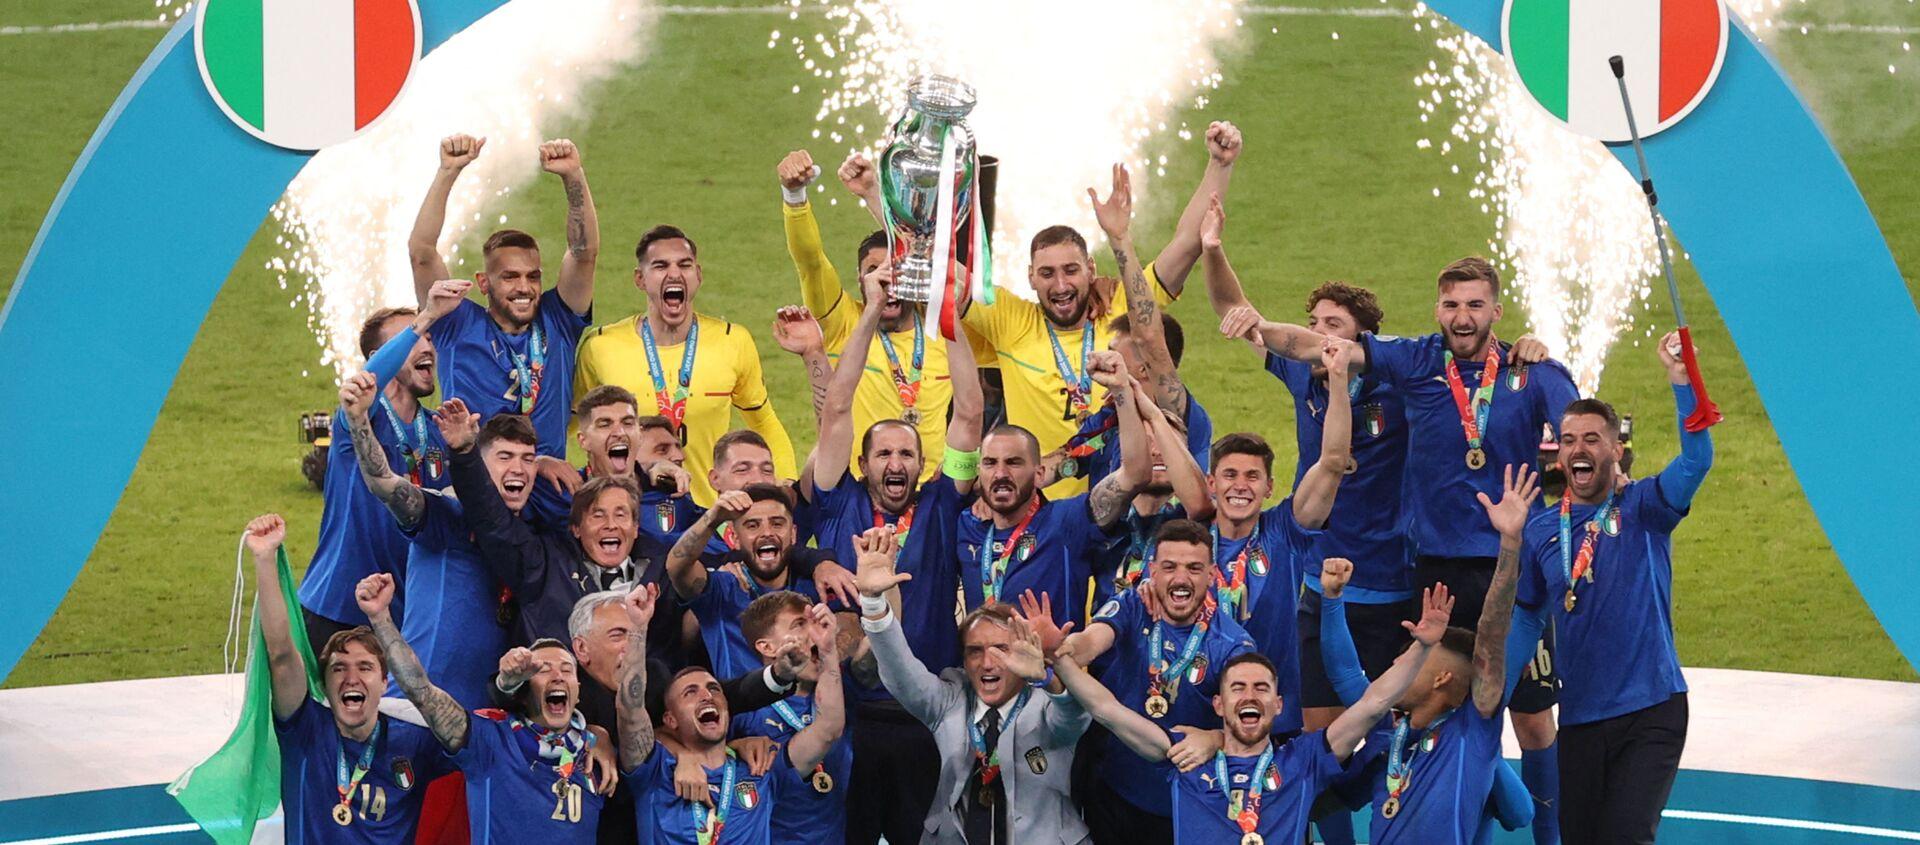 Фудбалери Италије славе титулу шампиона Европе - Sputnik Србија, 1920, 11.07.2021